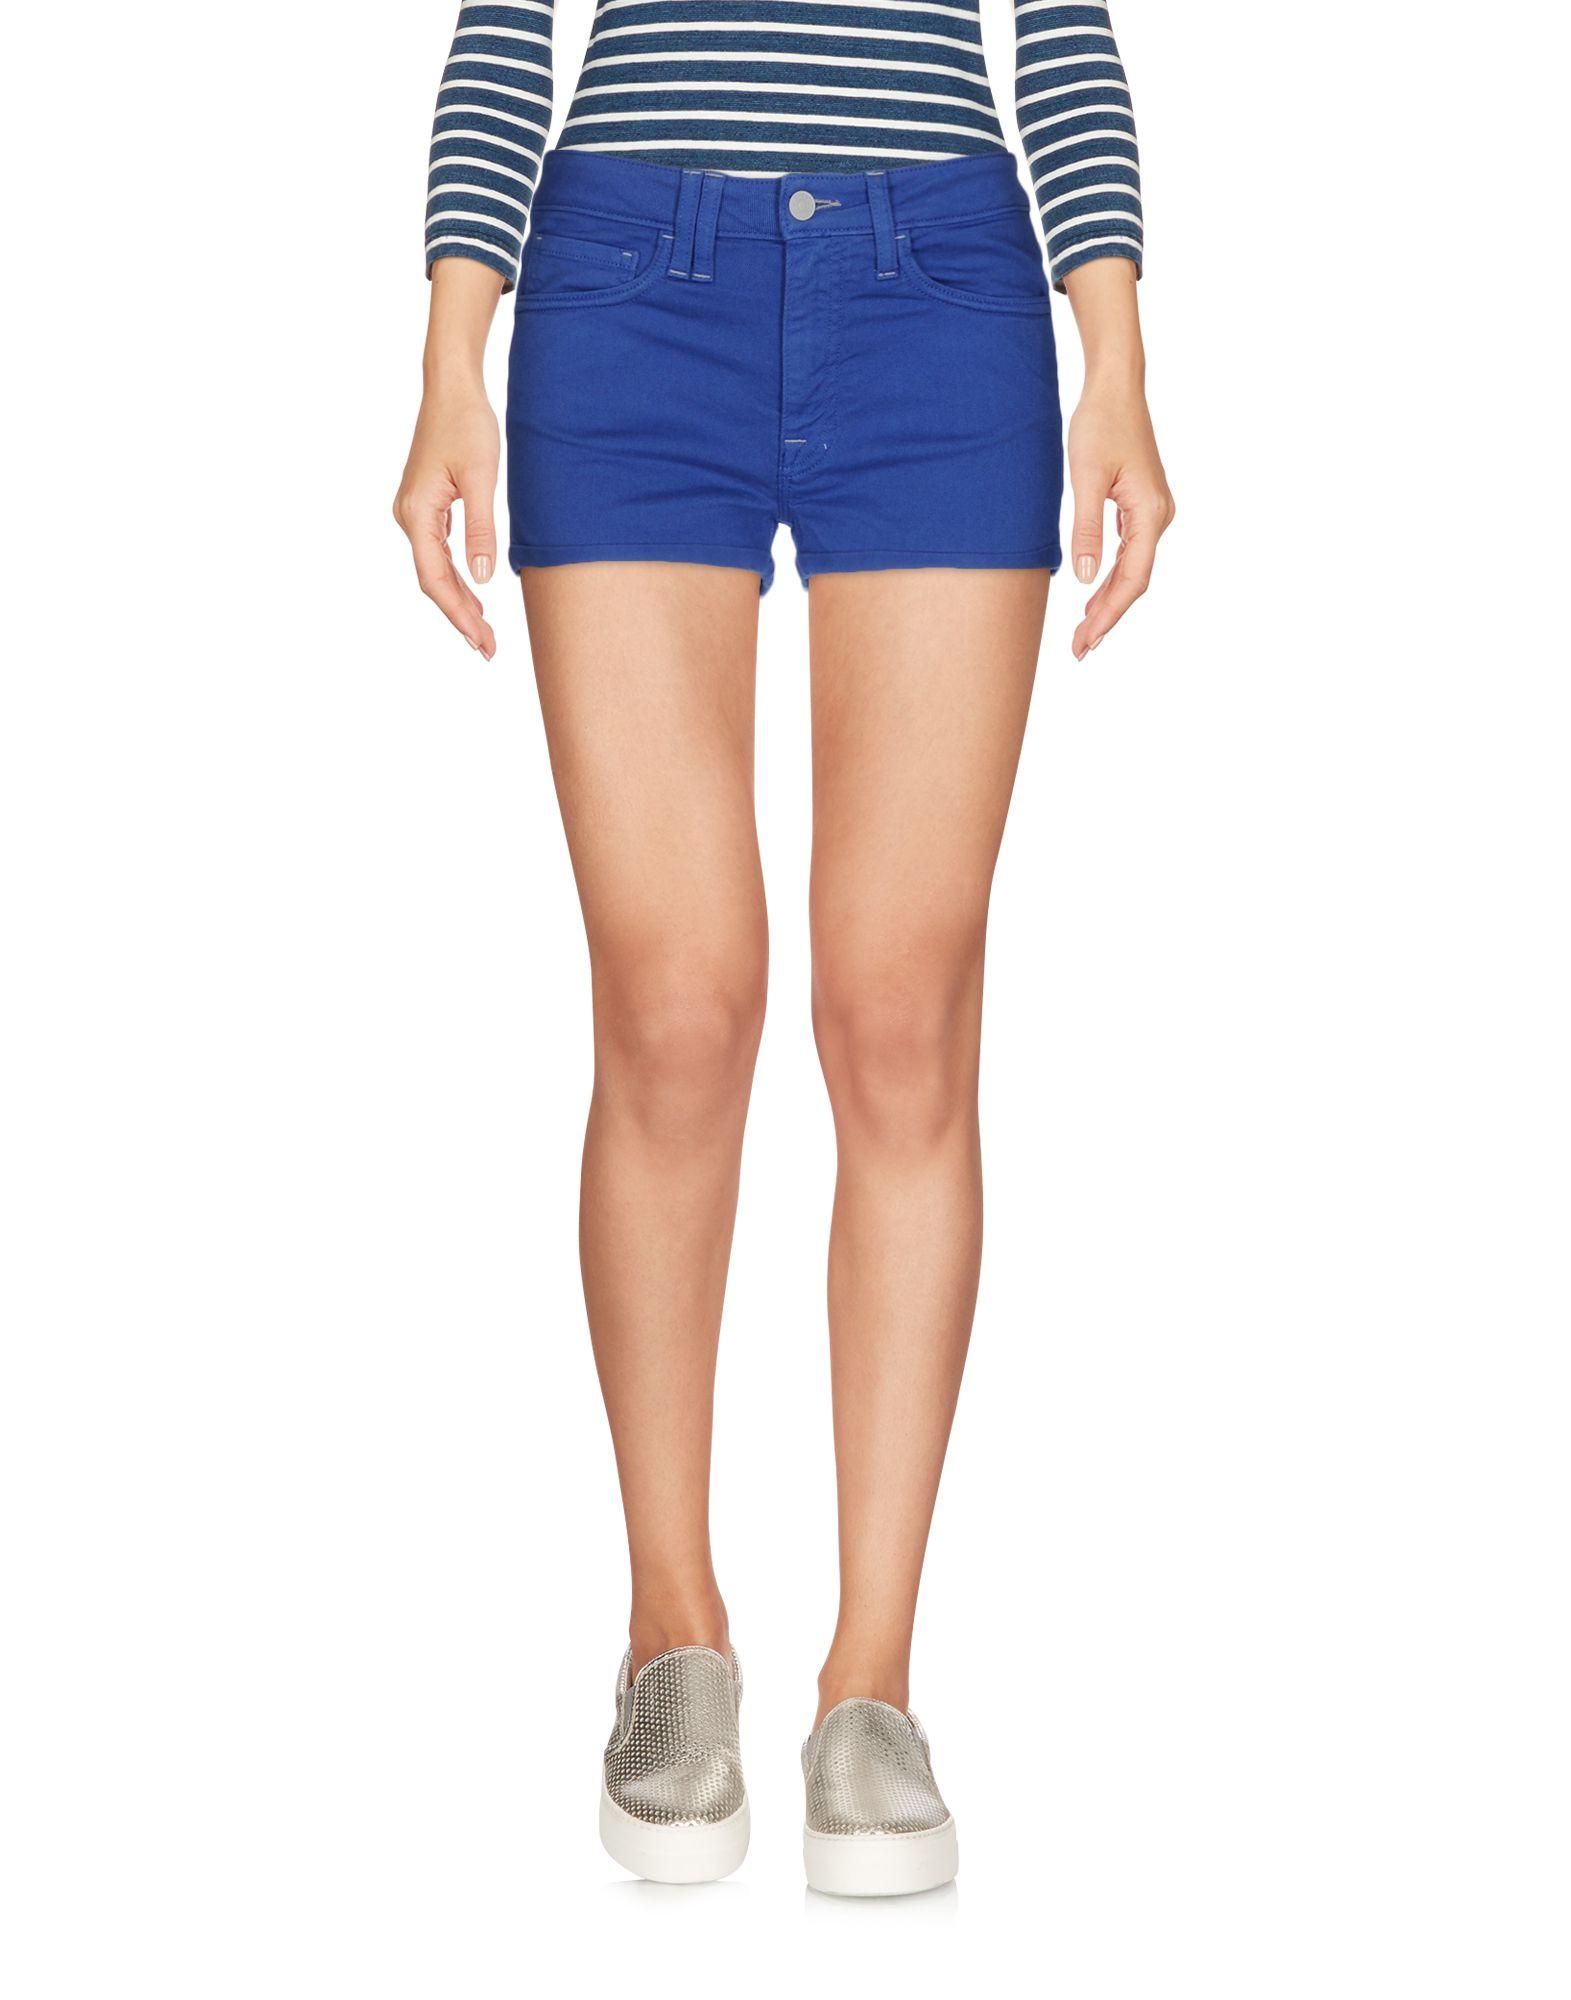 Фото - CYCLE Джинсовые шорты please джинсовые шорты